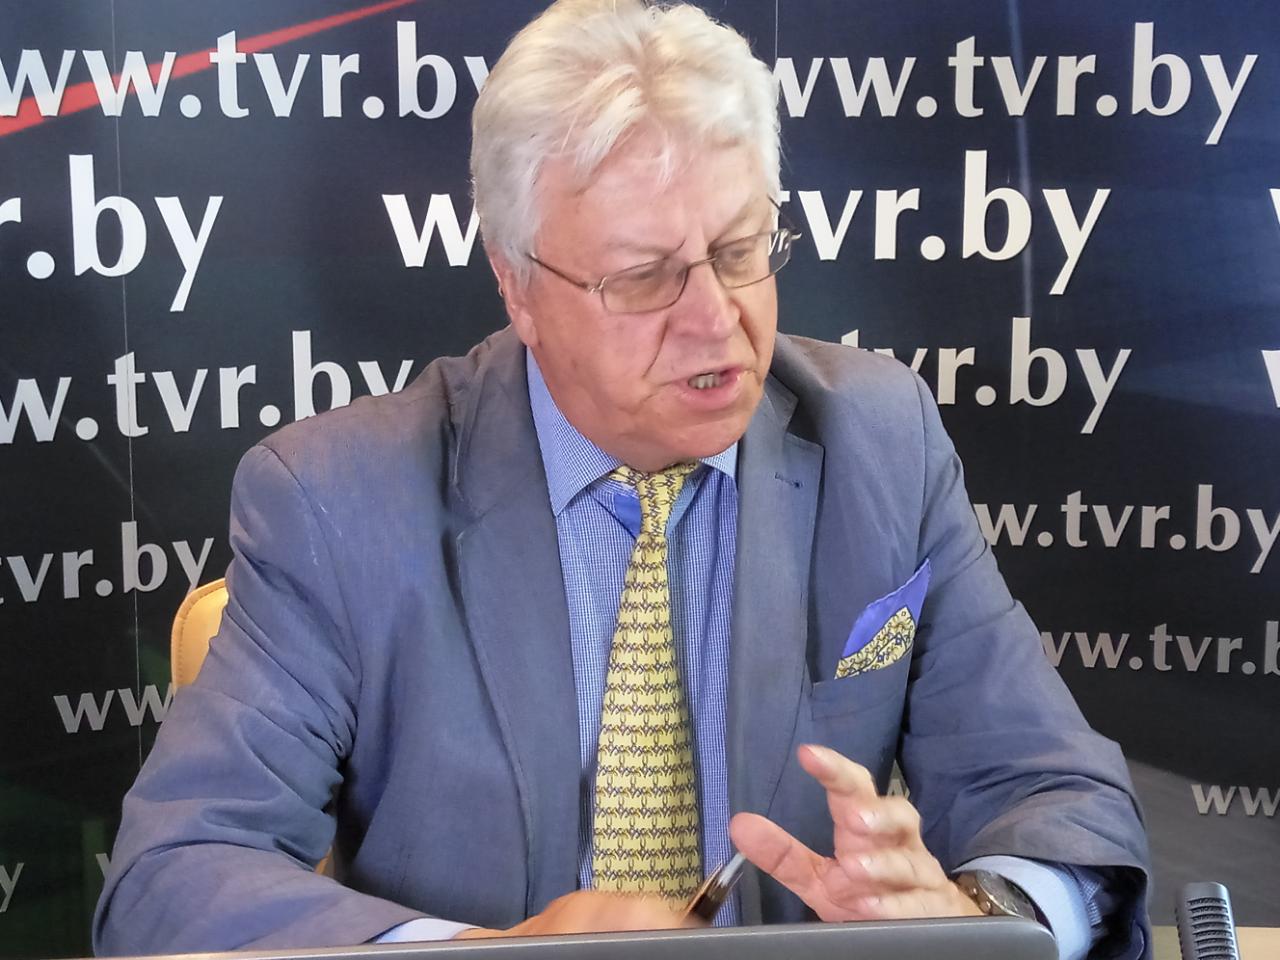 Онлайн-конференция с ученым-экономистом Михаилом Ковалевым